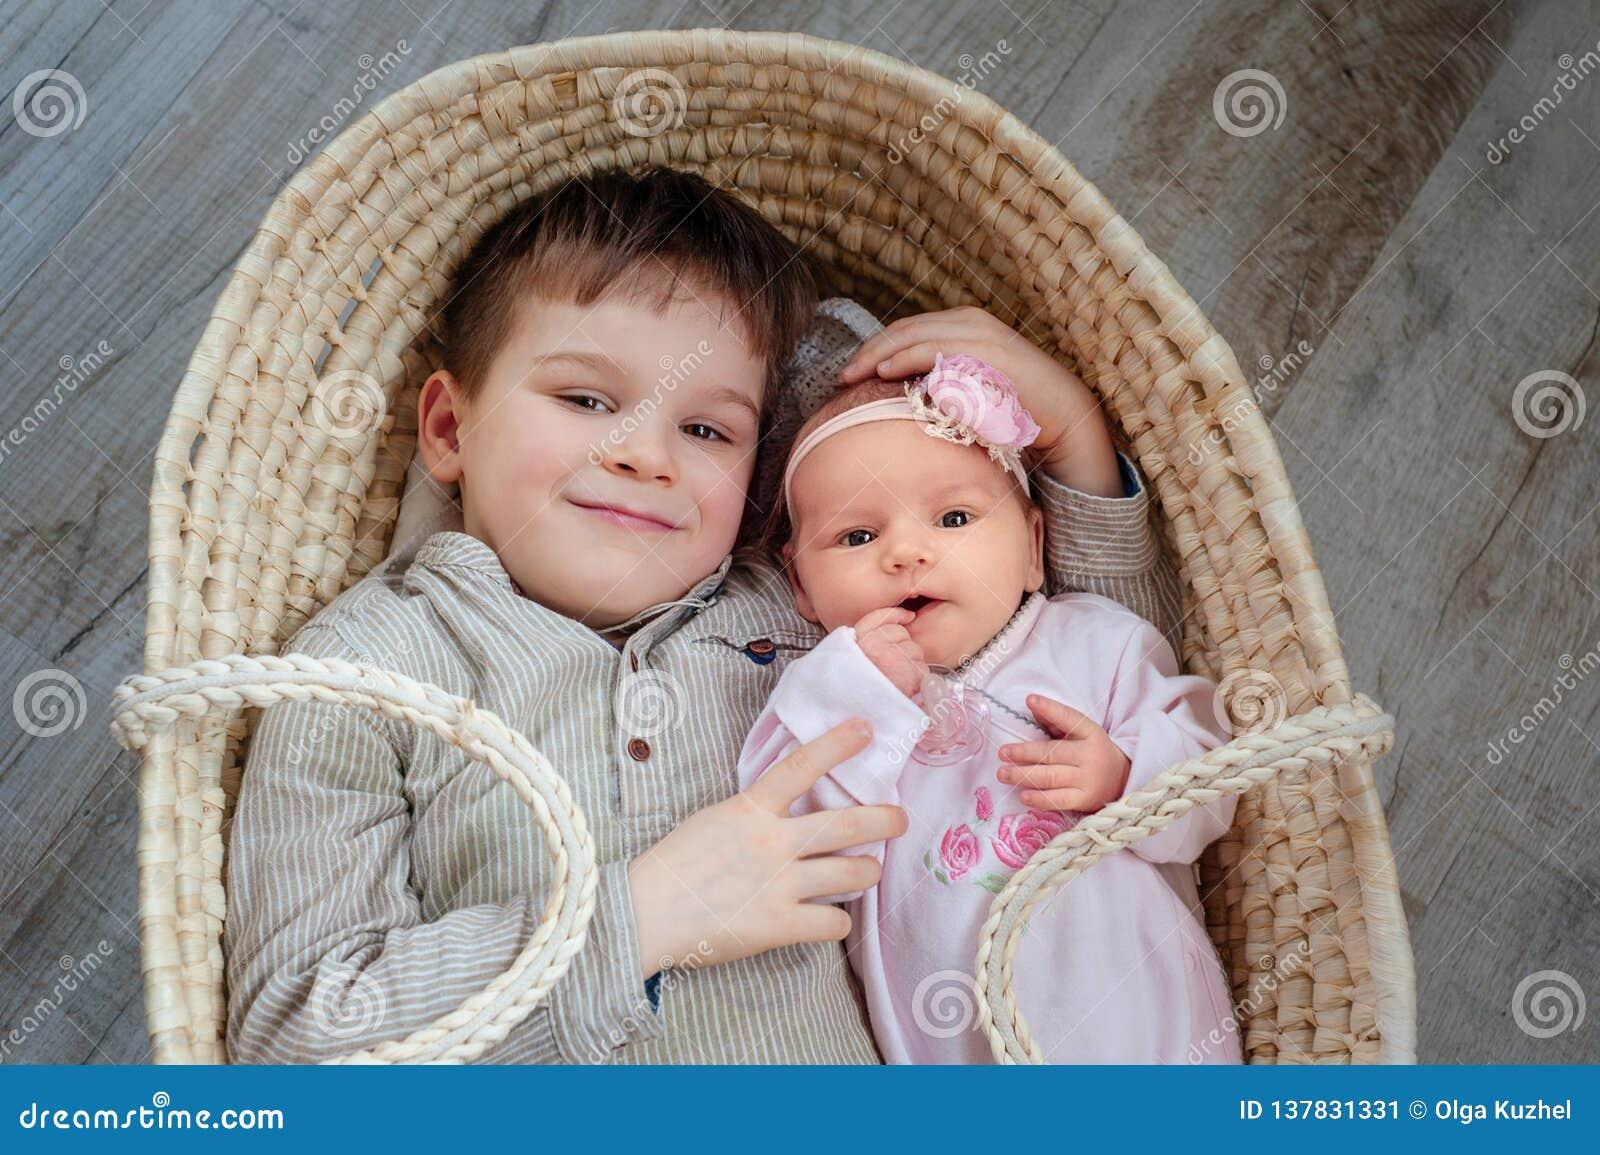 De leuke kinderen, weinig jongen 5 jaar oud, met hem pasgeboren zuster ligt in een rieten wieg